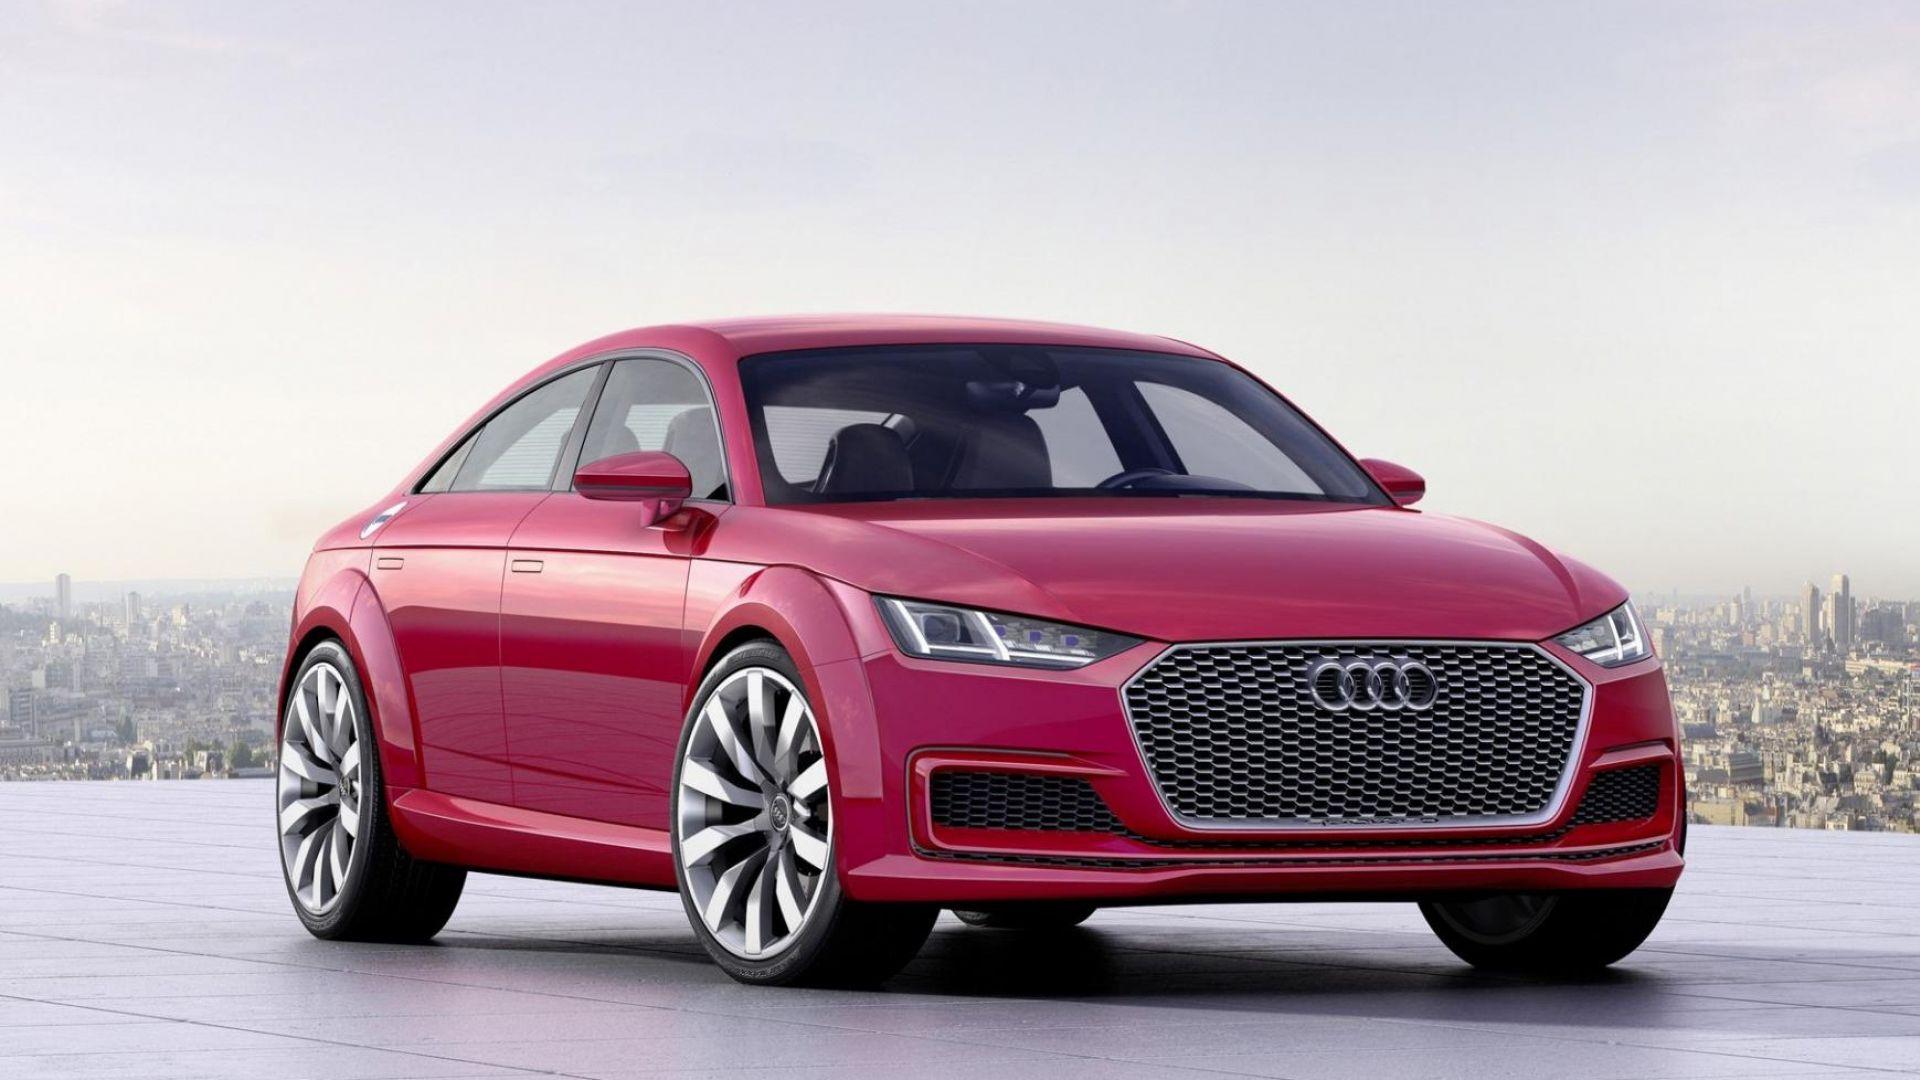 nuova audi tt, dal 2021 come coupé a 4 porte e solo